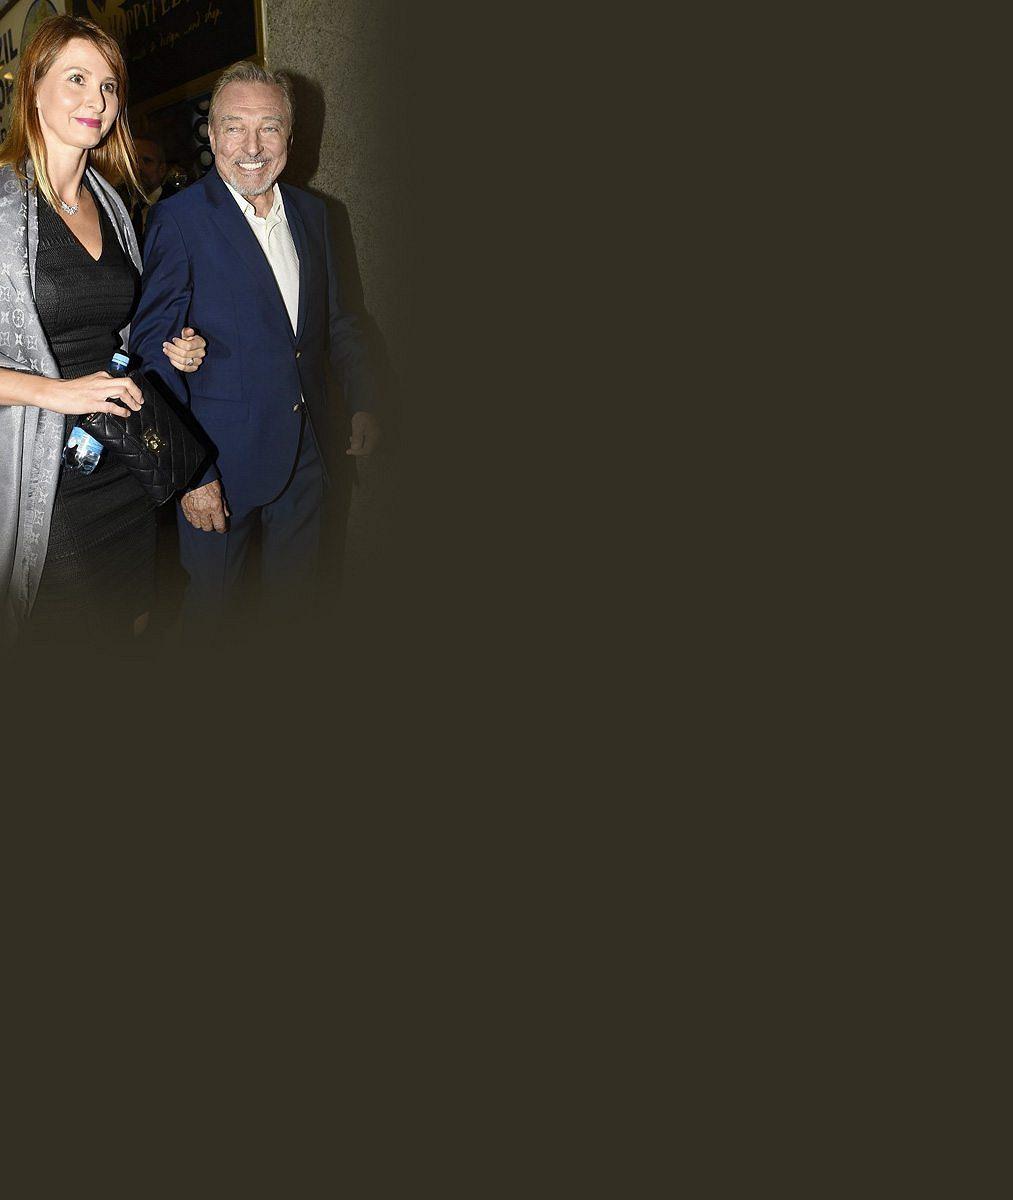 Usměvavý Karel Gott jde na dračku: Navštívil další večírek, zářil na všechny strany a fotil se s misskou